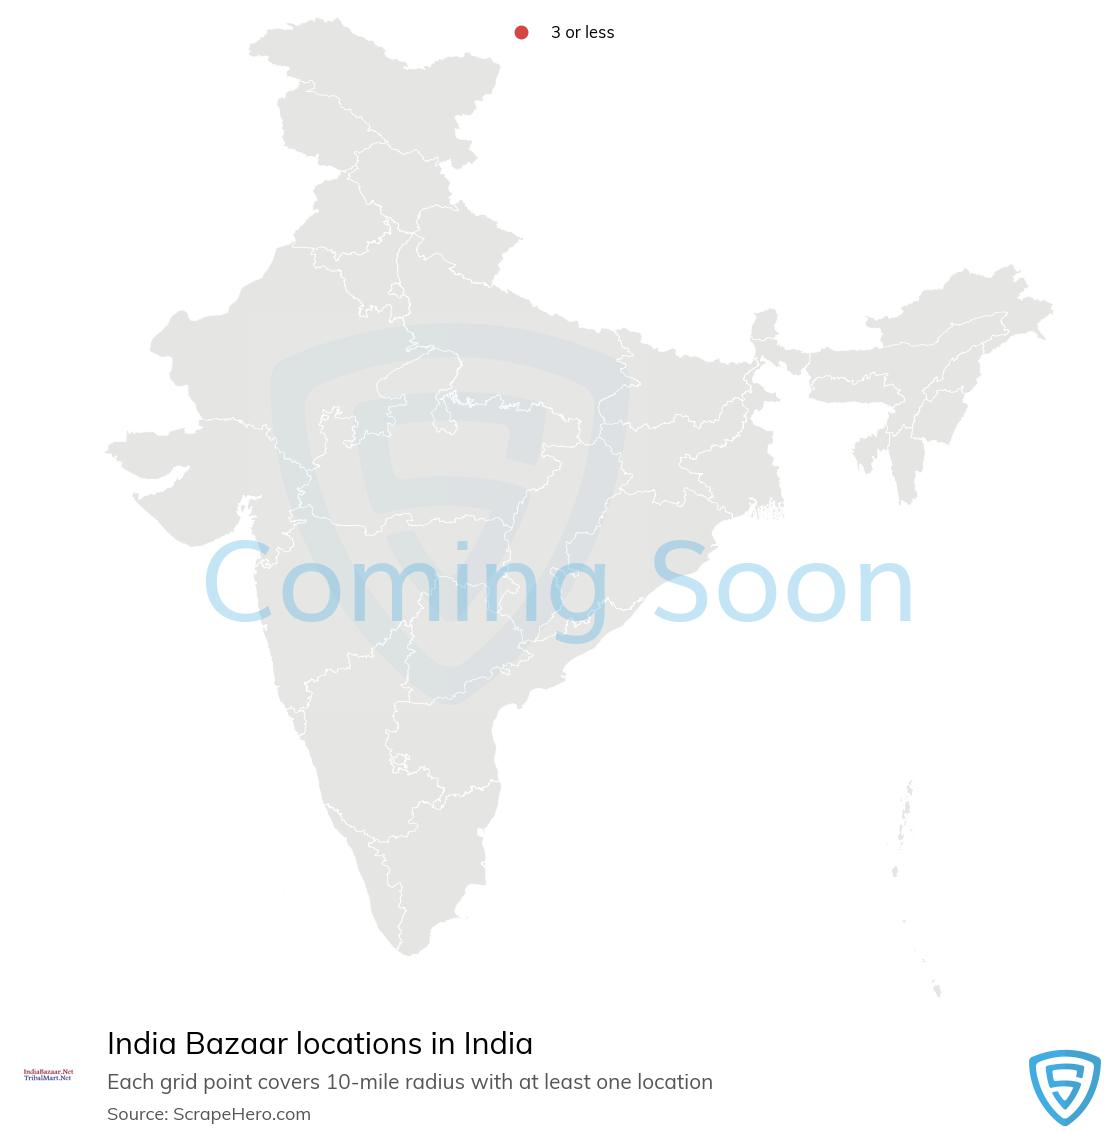 India Bazaar Store locations in India